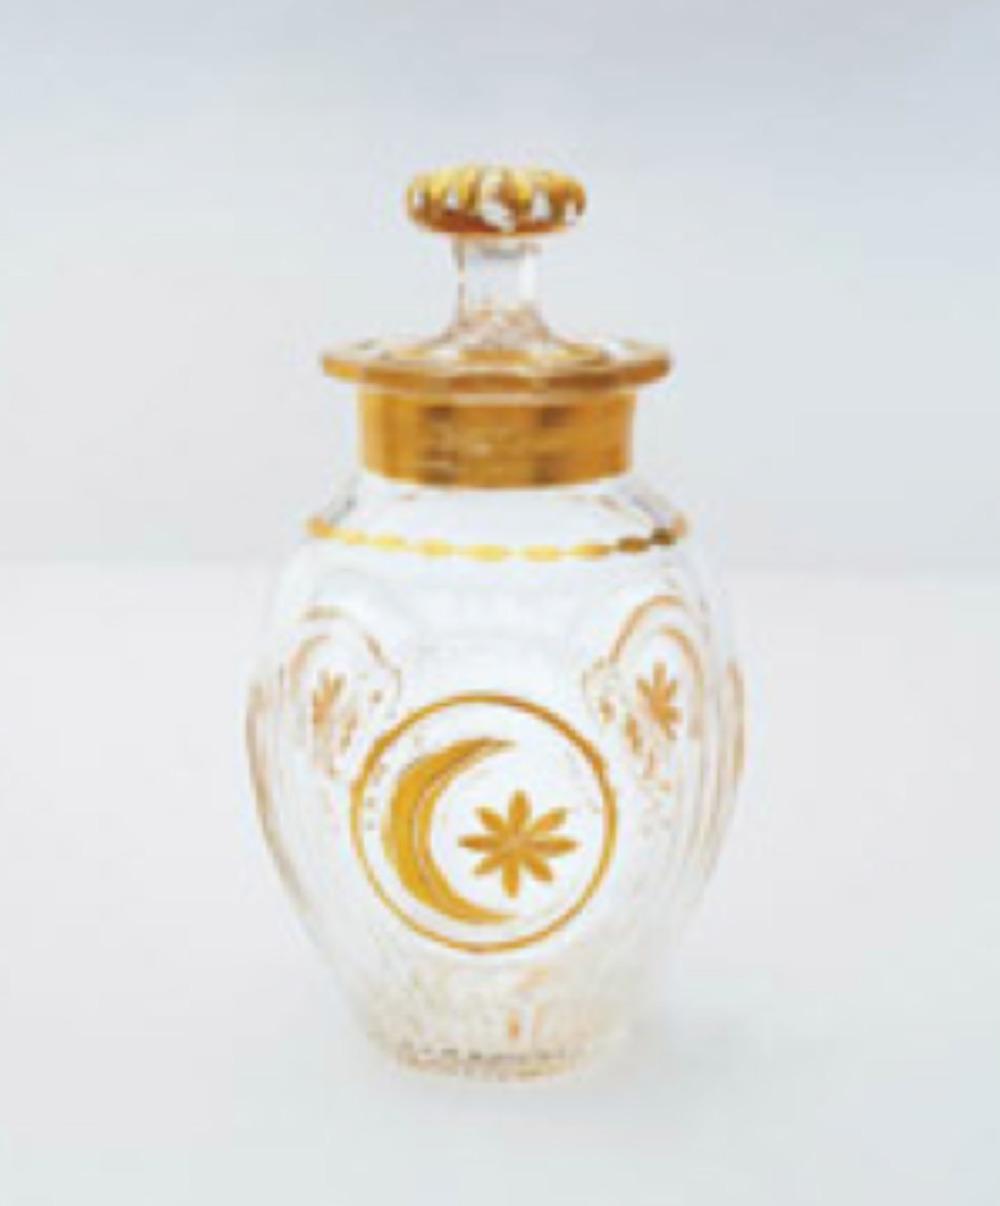 Kapaklı kristal kavanoz, altın yaldızlı pafta içinde ay-yıldız desenlidir. Boyun altın yaldızlıdır. Kapak tutamağı kesme tekniği ile süslenmiş ve altın yaldızlıdır. Y: 21 cm, Topkapı Sarayı Müzesi Koleksiyonu. Env. No: 34/618.